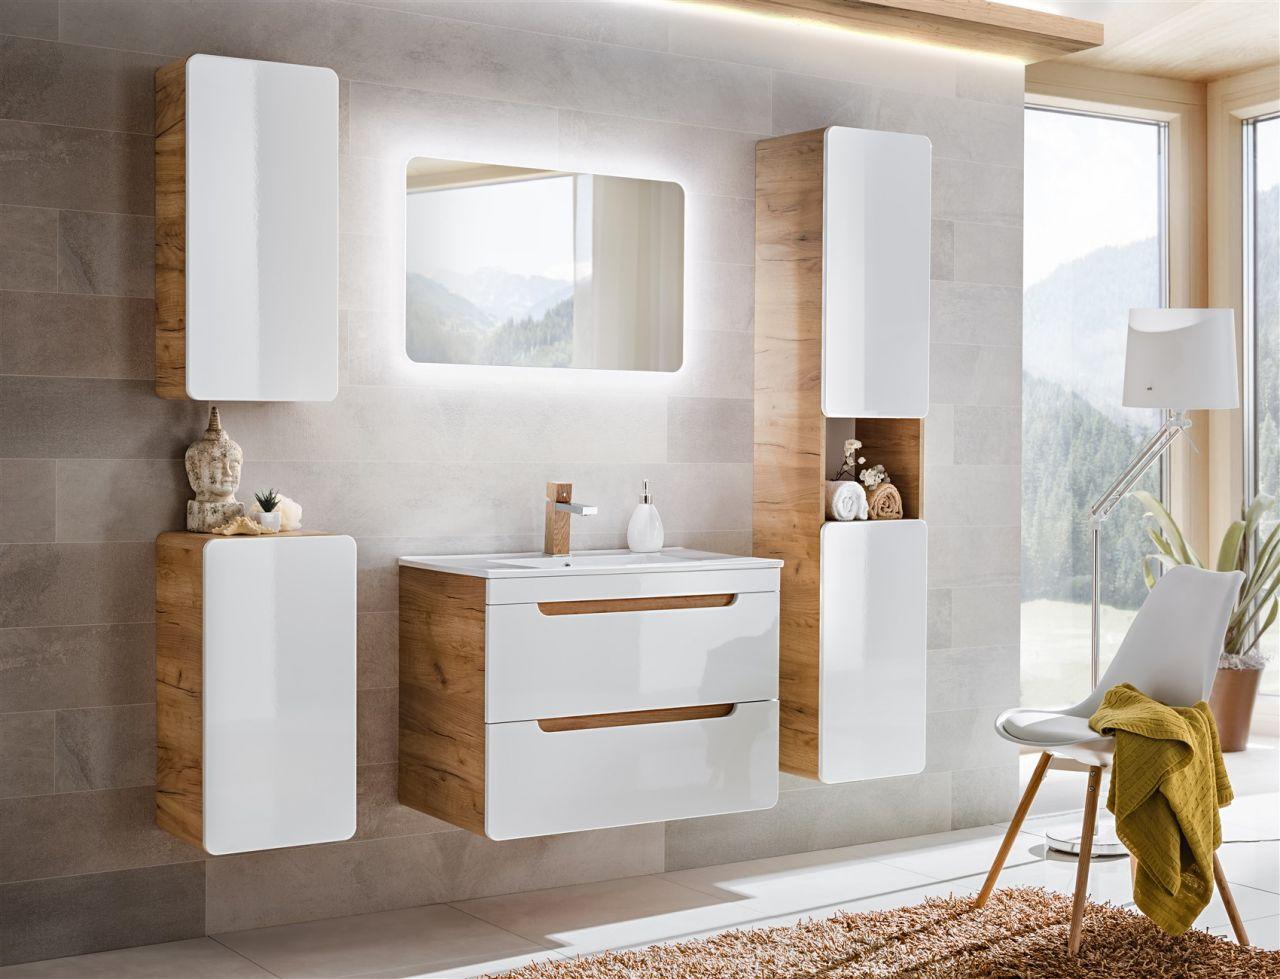 Badmöbel Set 10-tlg Badezimmerset FERMO Weiss HGL inkl.Waschtisch 10cm